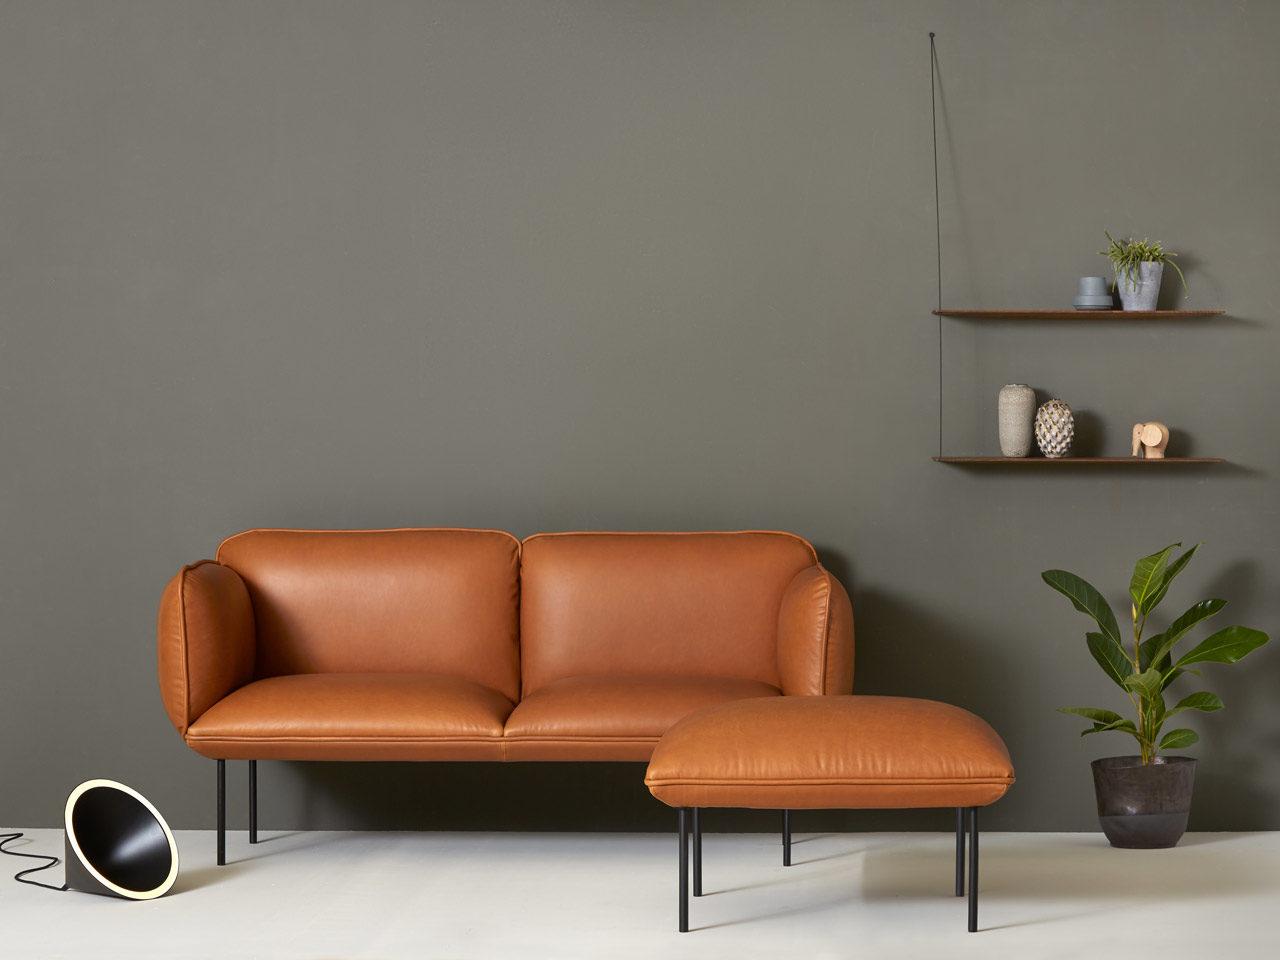 Nakki, canapé et pouf en cuir aniline, design Mika Tolvanen pour Woud